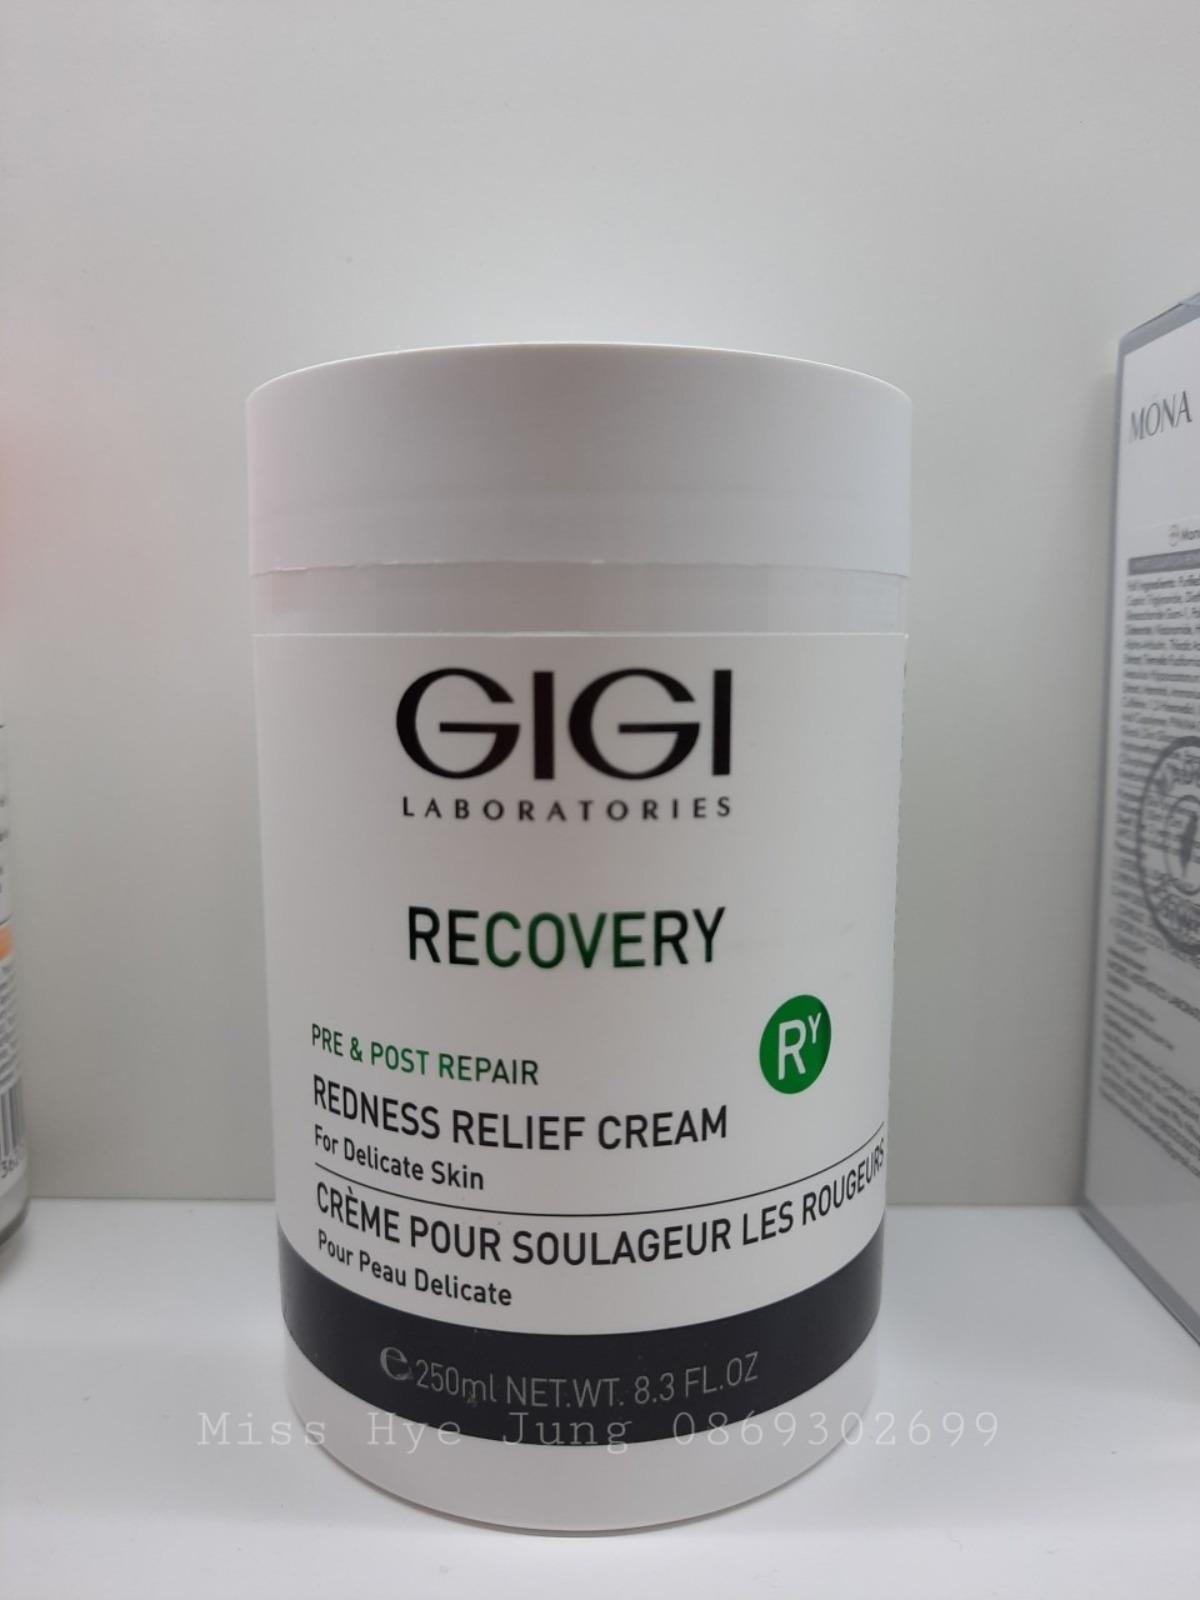 Kem dưỡng làm dịu, phục hồi, tái tạo da GiGi Recovery Redness Relife Cream 250ml